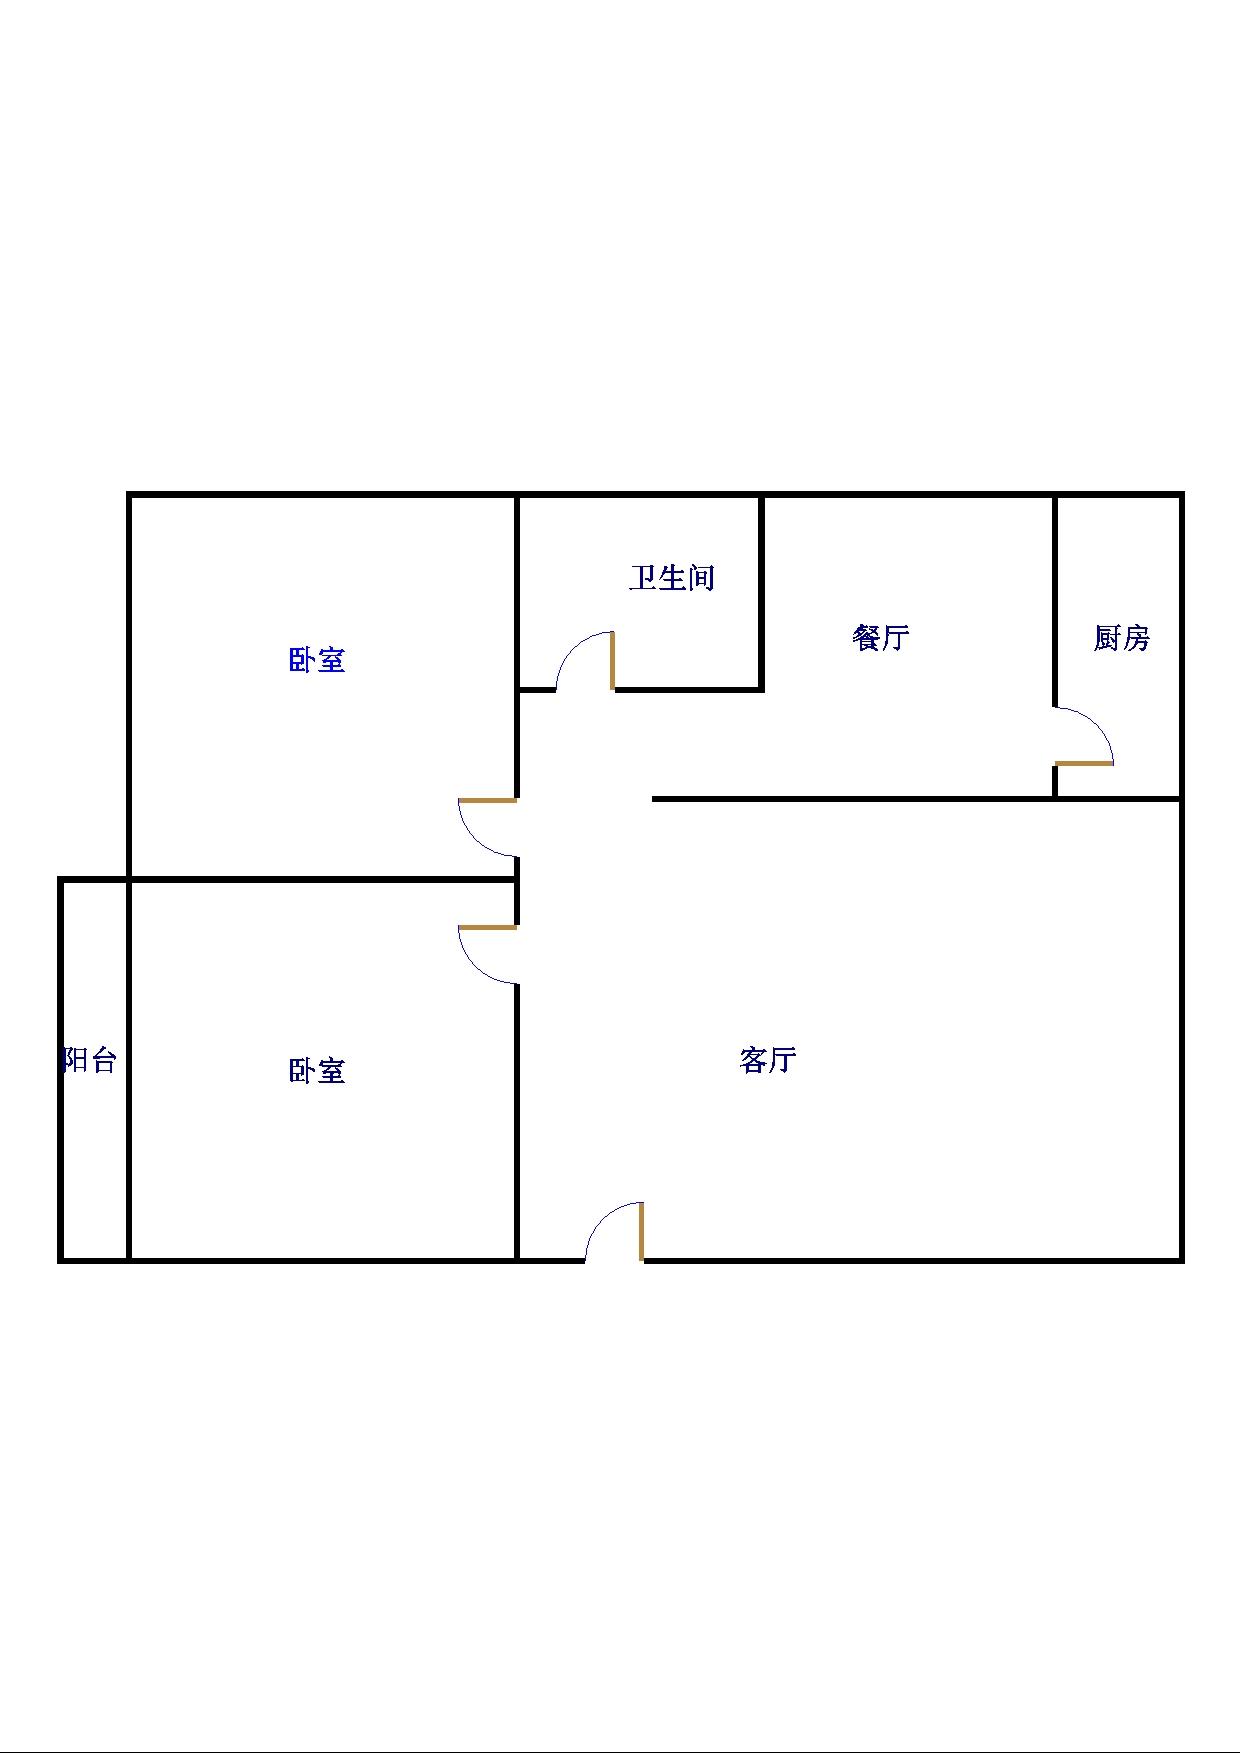 国土局宿舍 2室2厅 4楼